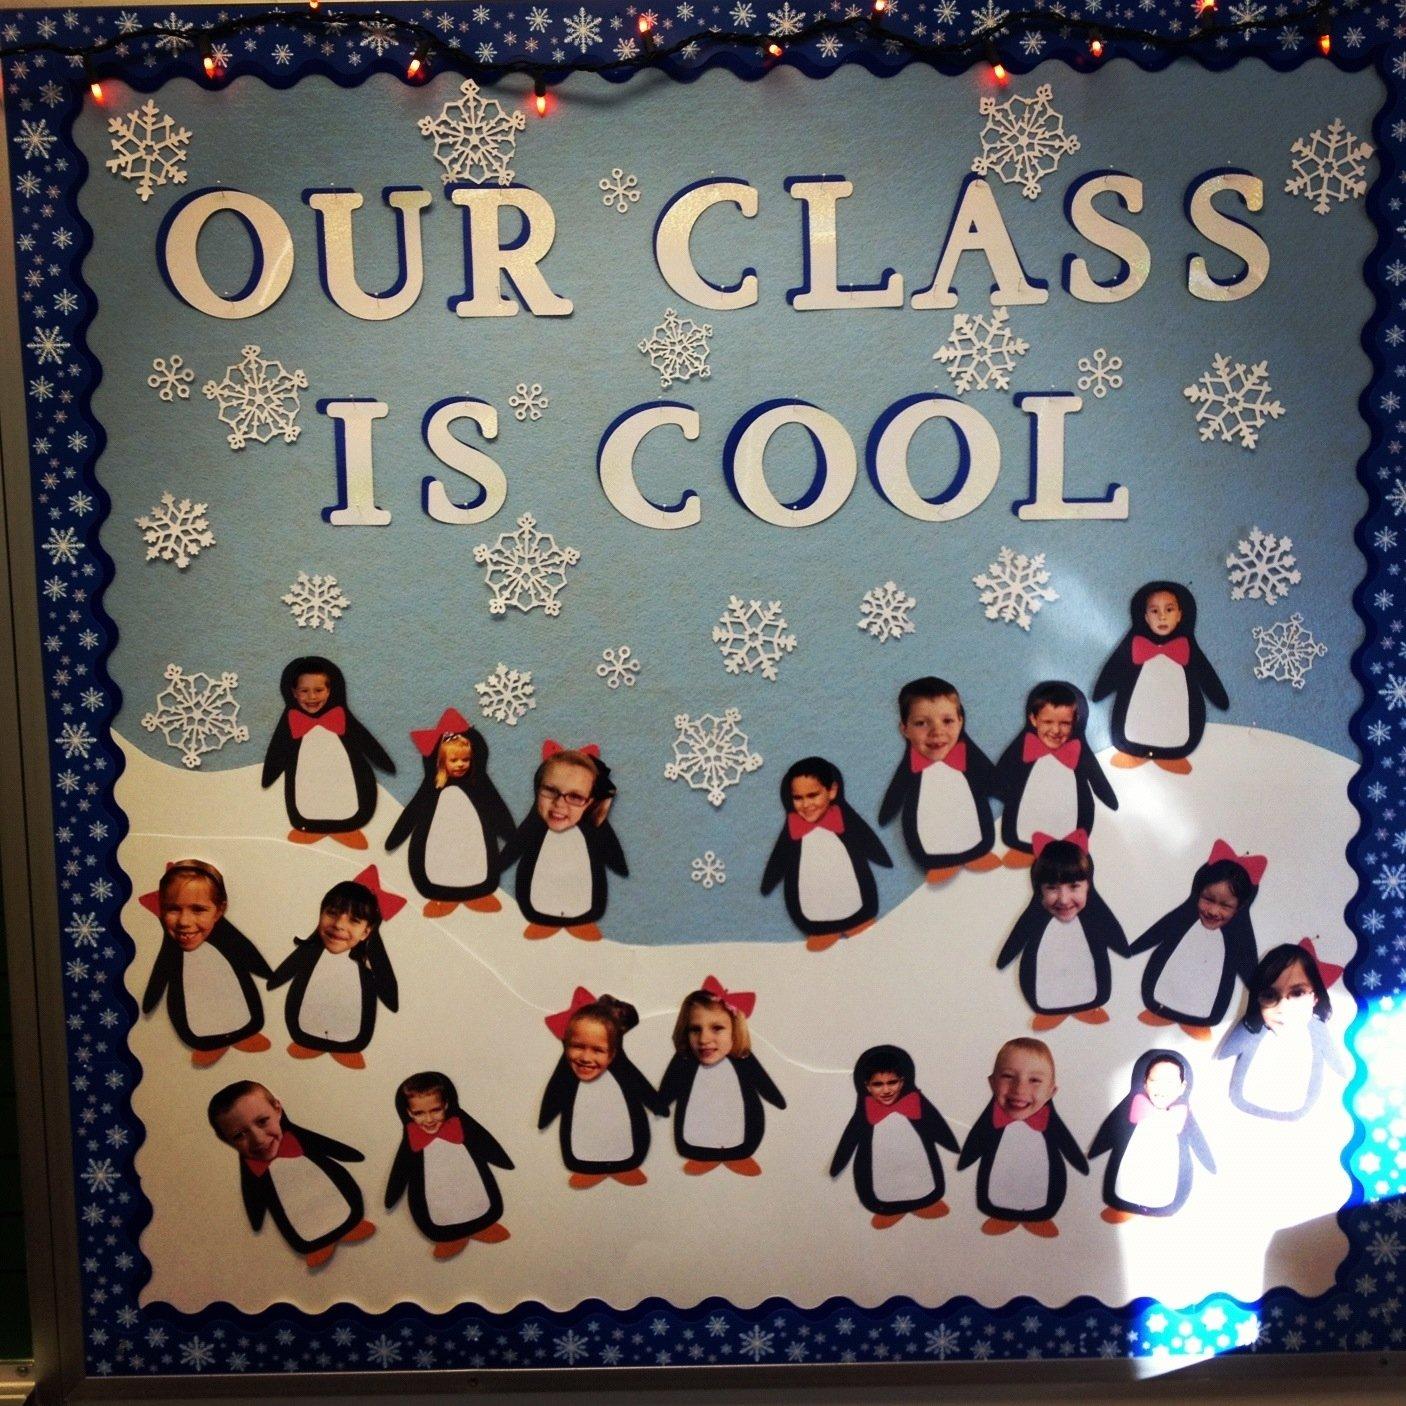 10 Great Winter Bulletin Board Ideas For Preschool january bulletin board ideas for preschool classroom winter 2020